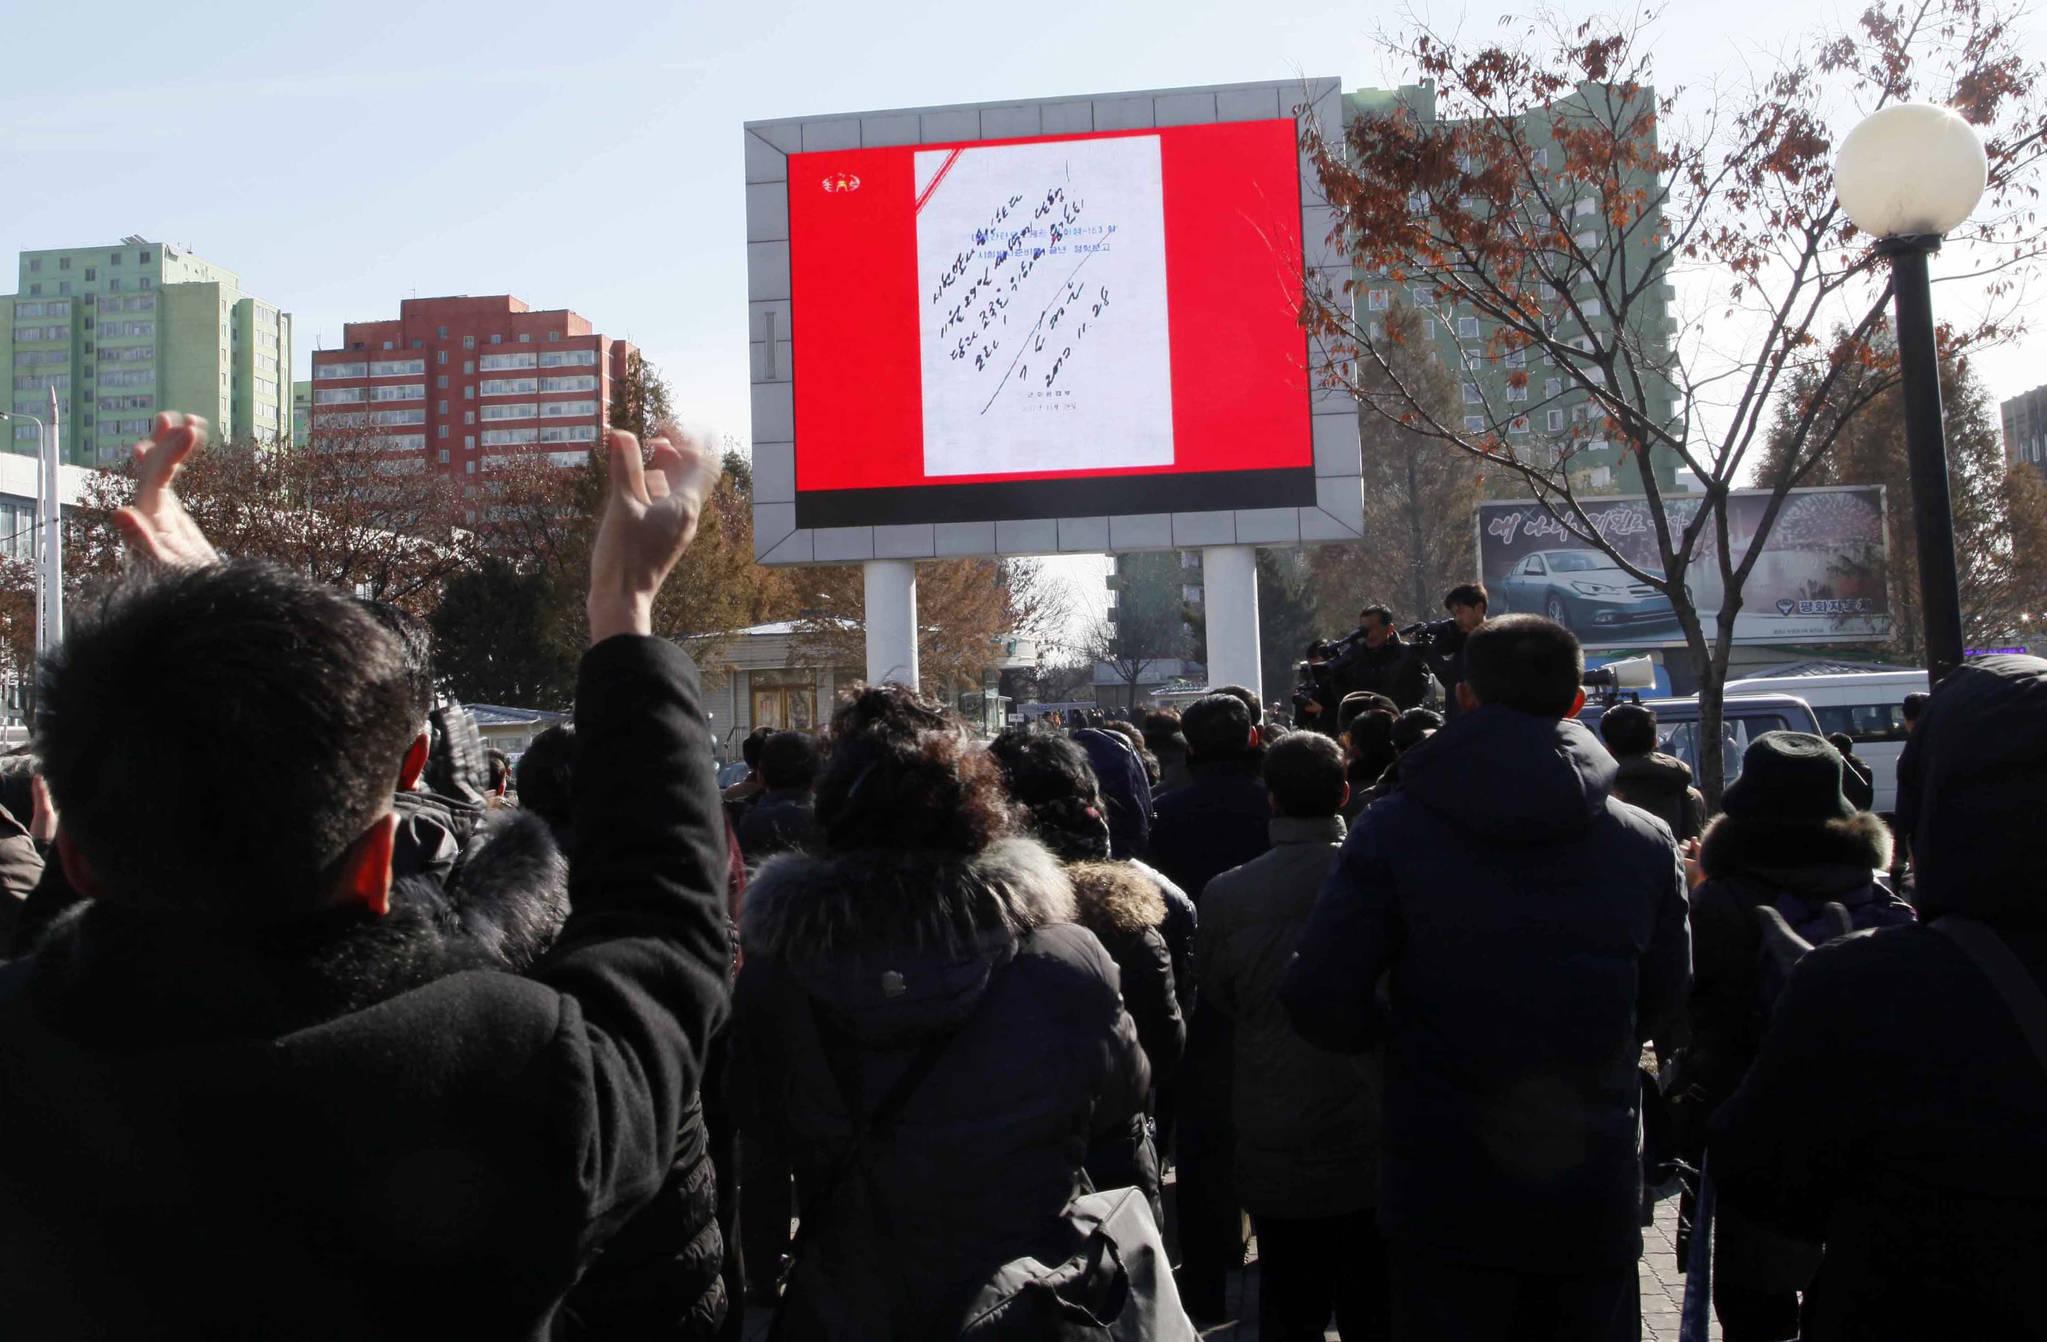 북한 평양 시민들이 29일 낮 시내에서 조선중앙TV의 화성15형 시험발사 보도를 지켜보고 있다. 화면에는 김정은의 화성15형 시험발사 승인 사인이 보인다.[AP=연합뉴스]